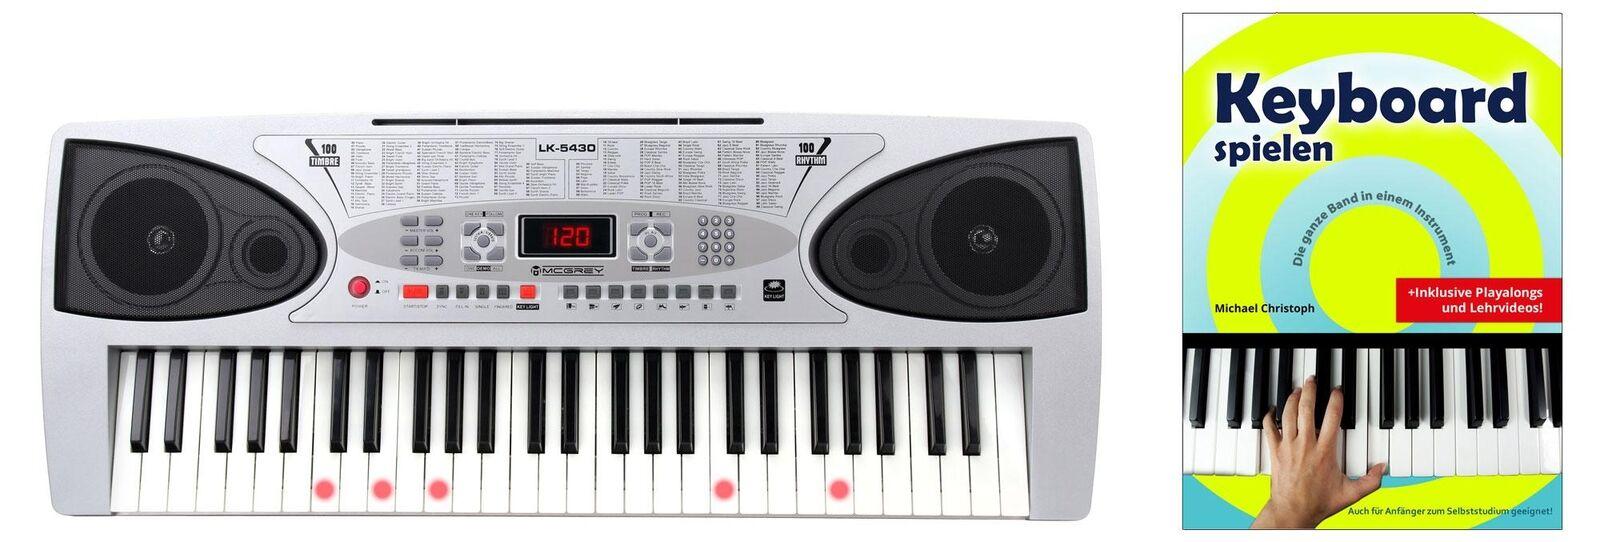 54 Tasten Leuchttasten Keyboard Set E-Piano Keyboardschule 100 Sounds & Rhythmen